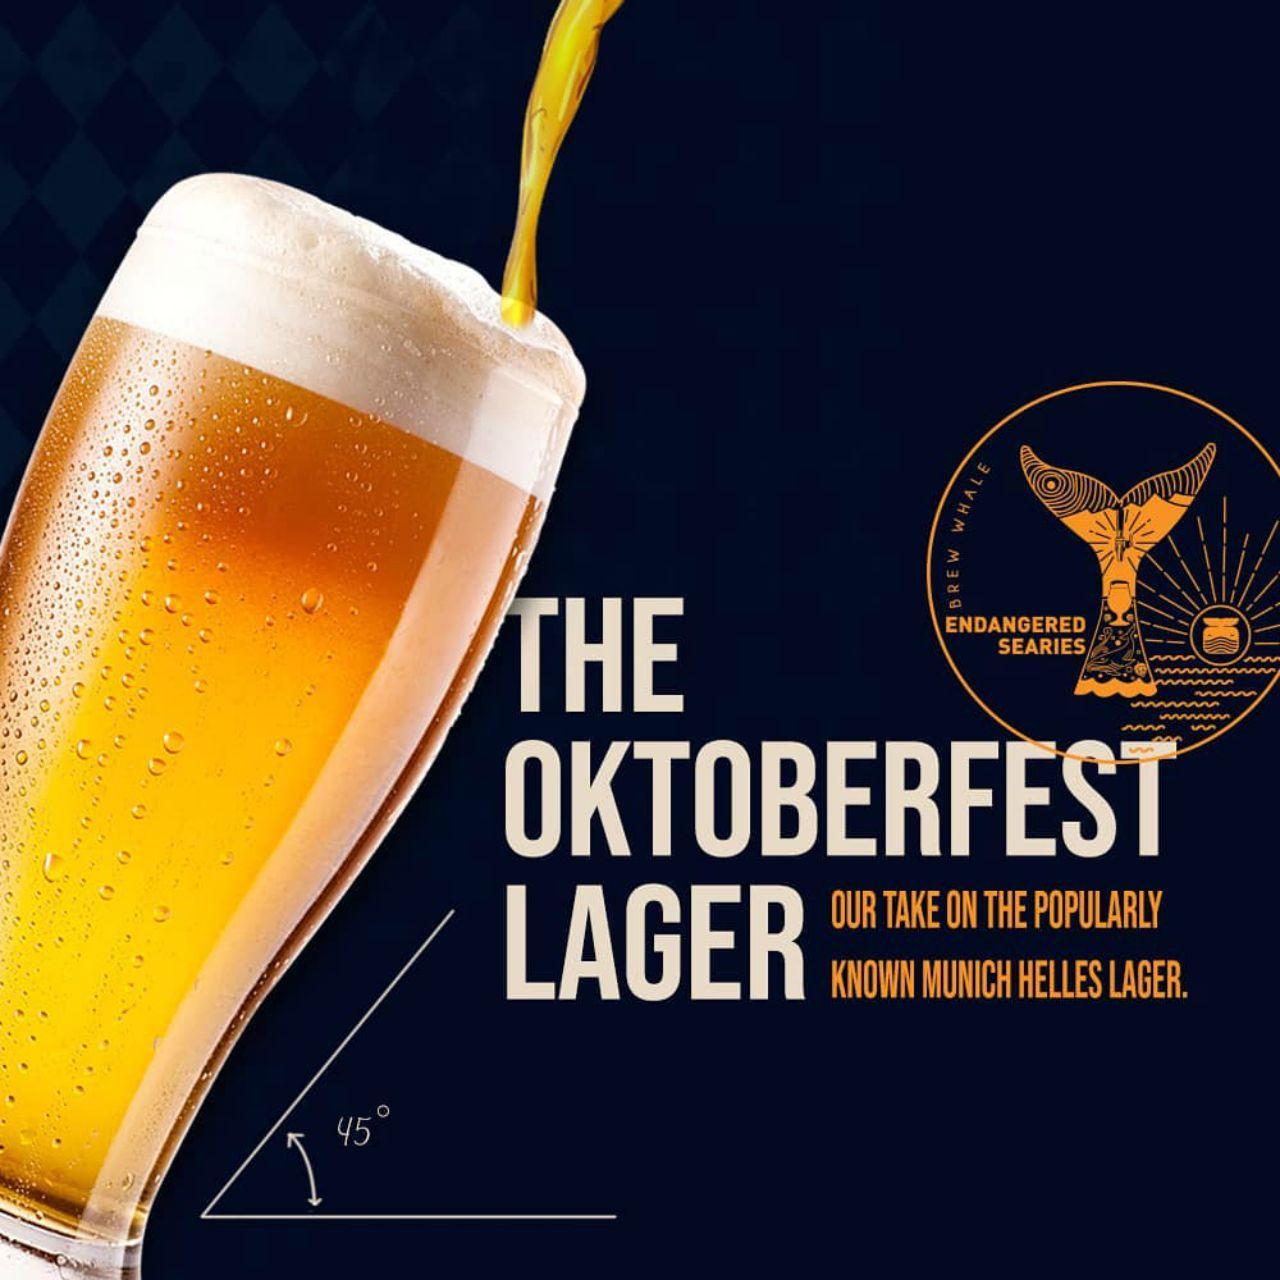 lager octoberfest